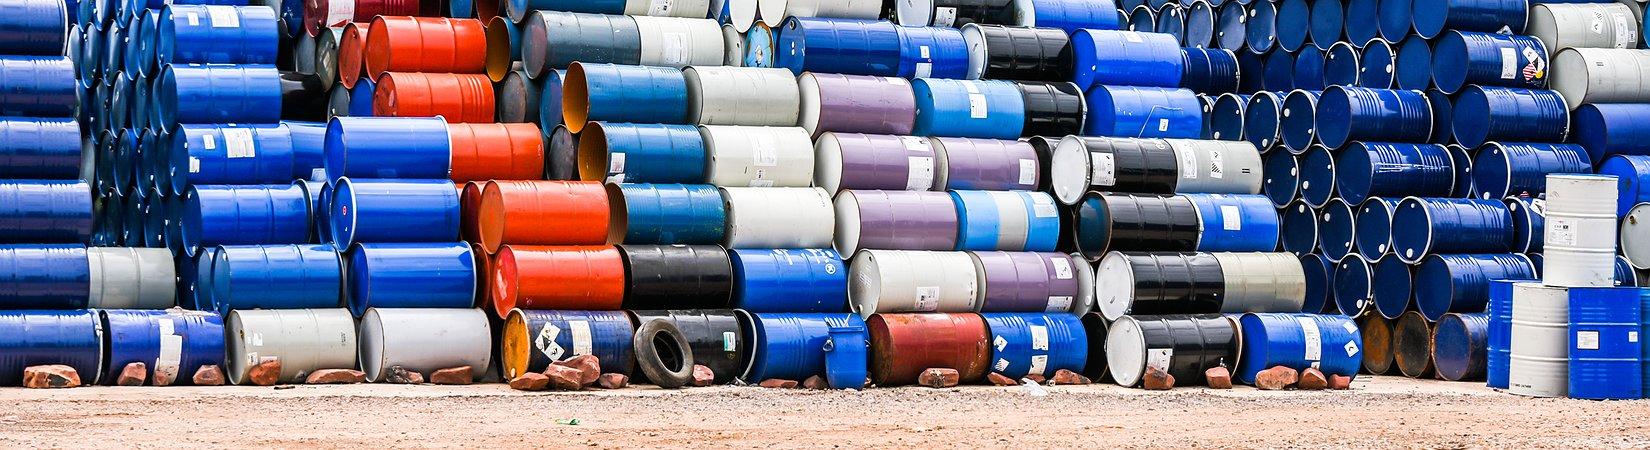 Cómo el crecimiento de las reservas está afectando al precio del petróleo